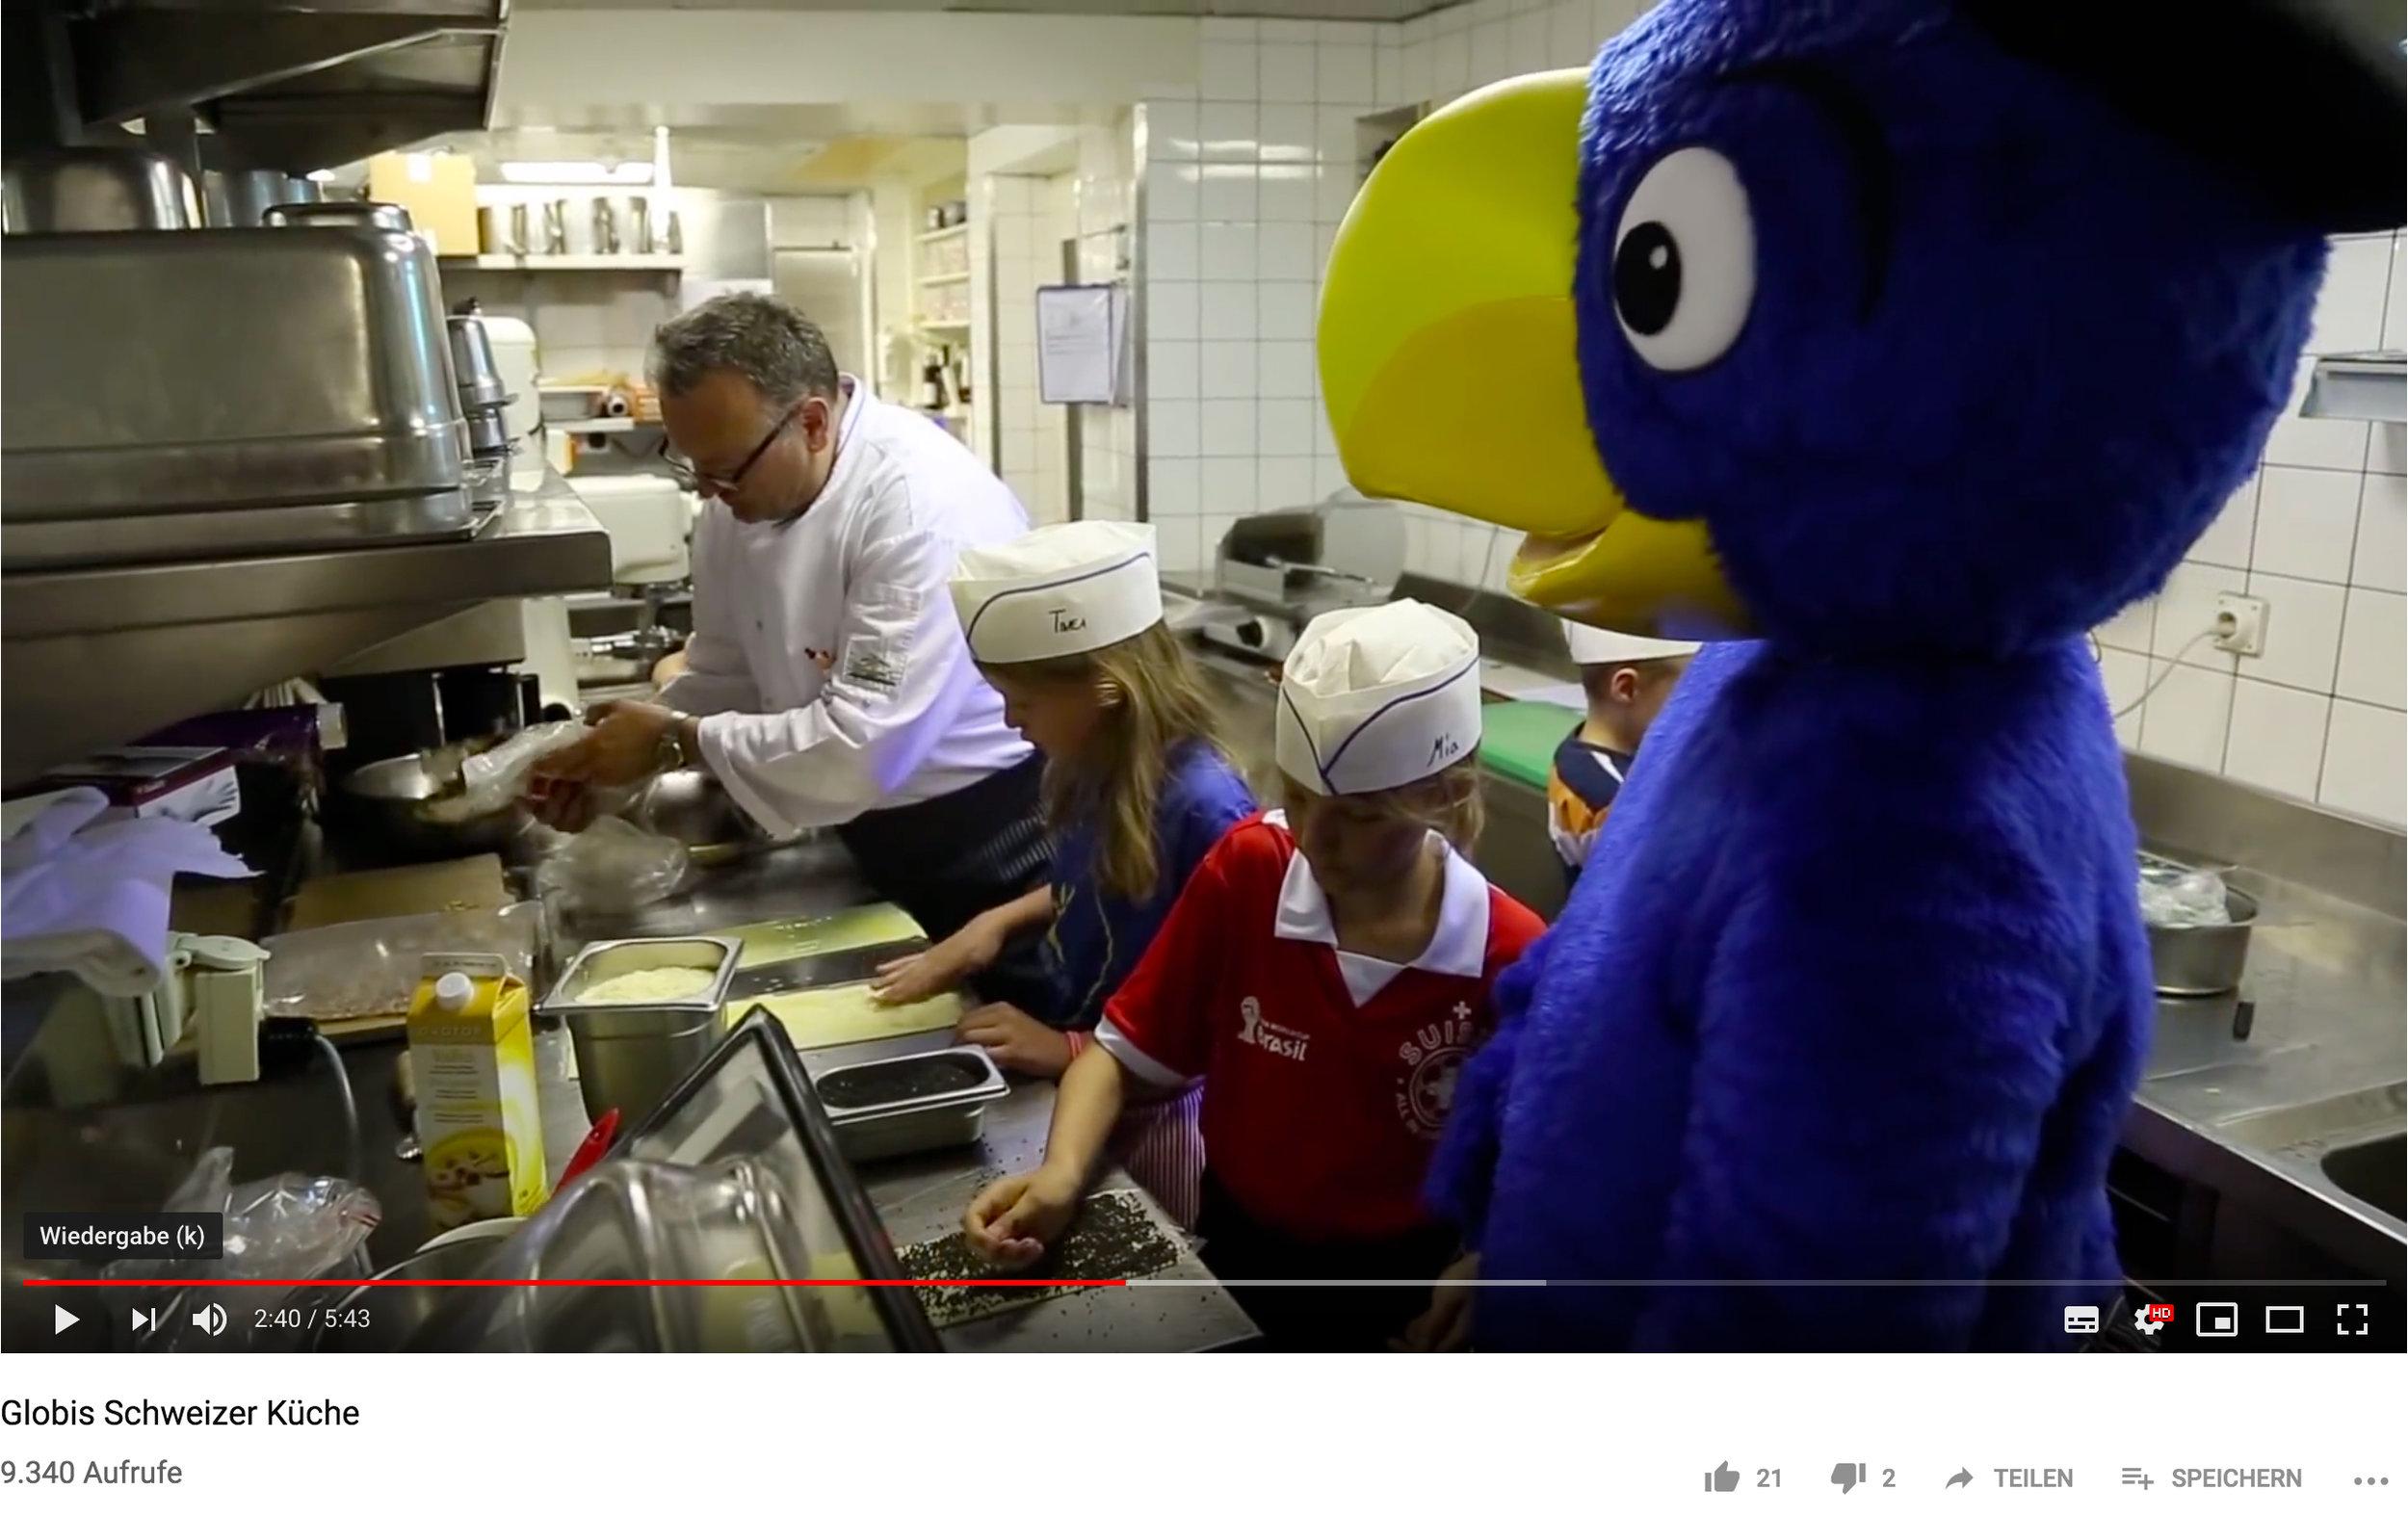 Video für Globis Schweizer Küche